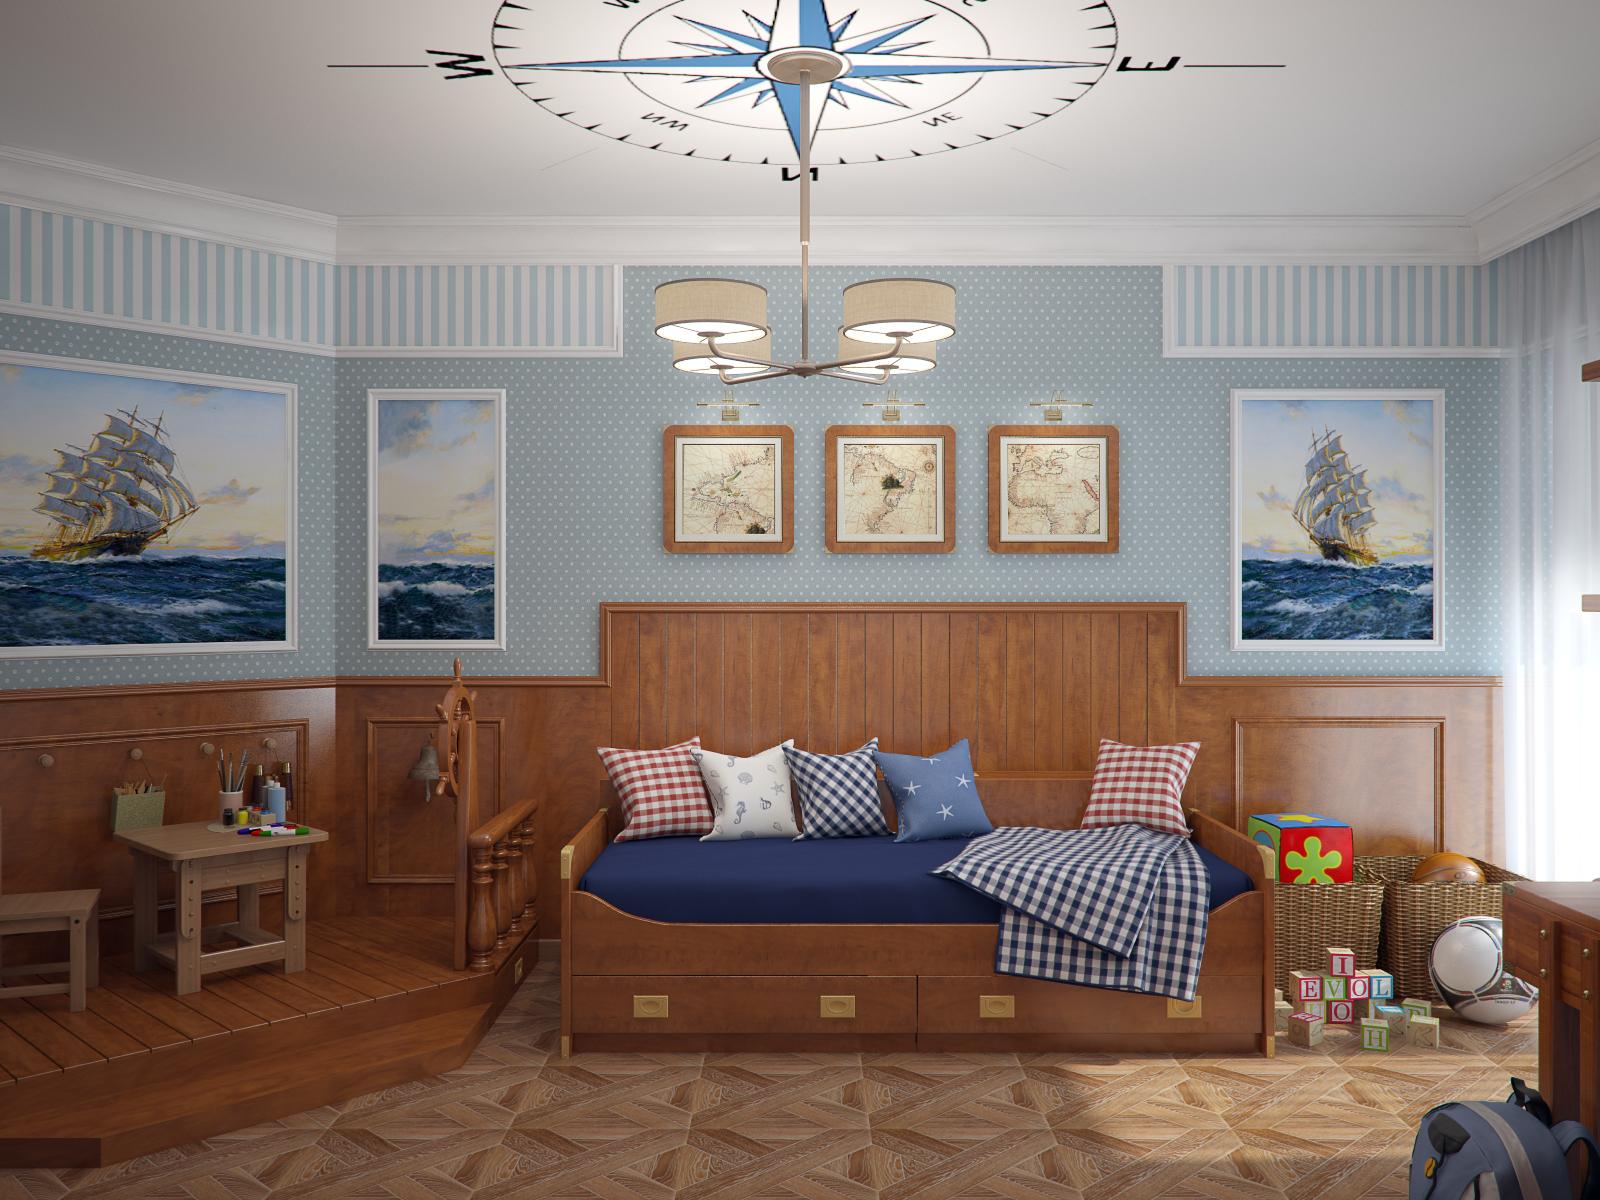 Морская тематика в интерьере комнаты